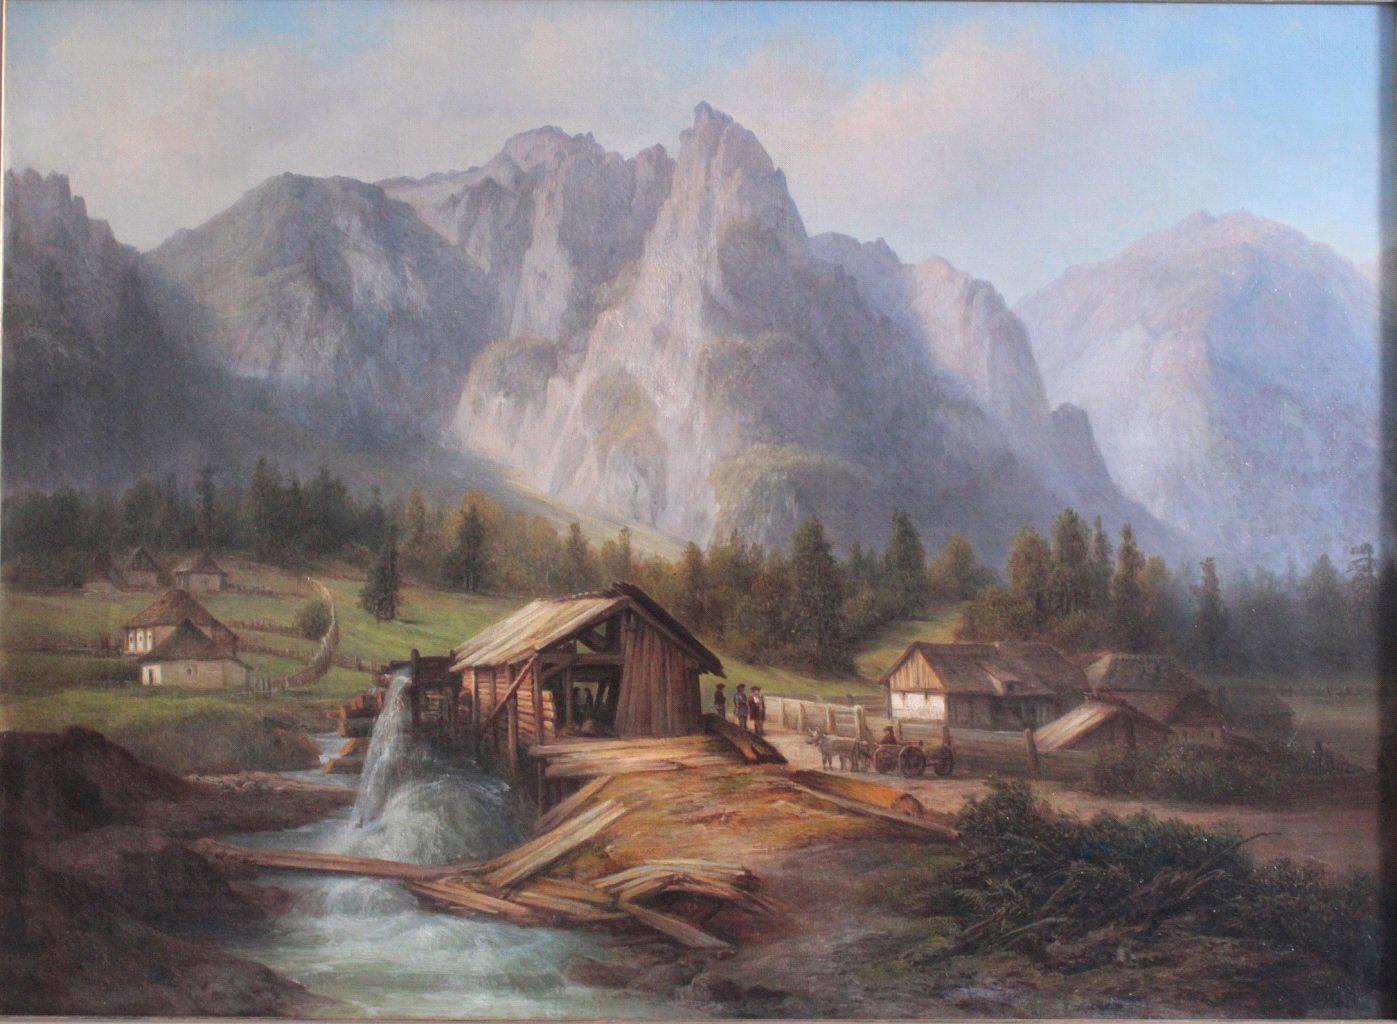 'Berglandschaft mit Häusern und Figurengruppe', 19. Jahrhundert-2